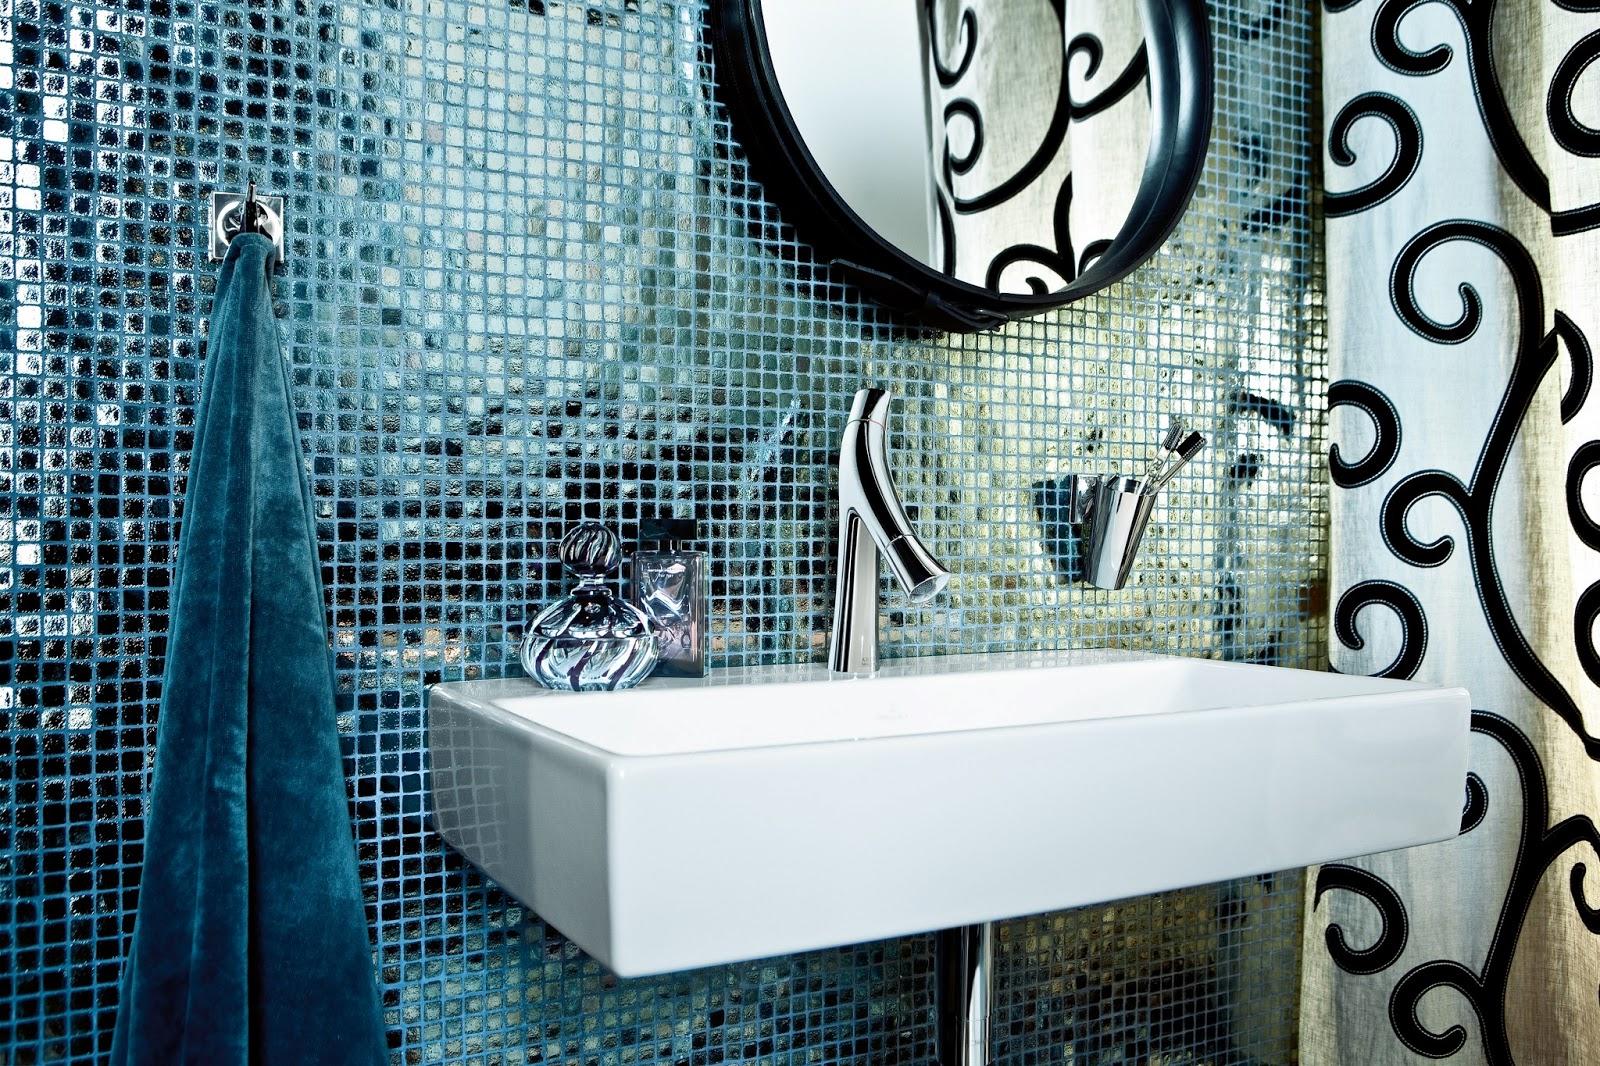 Griferia Para Baño Marcas: de grifería para el baño creada por axor la marca de diseño de